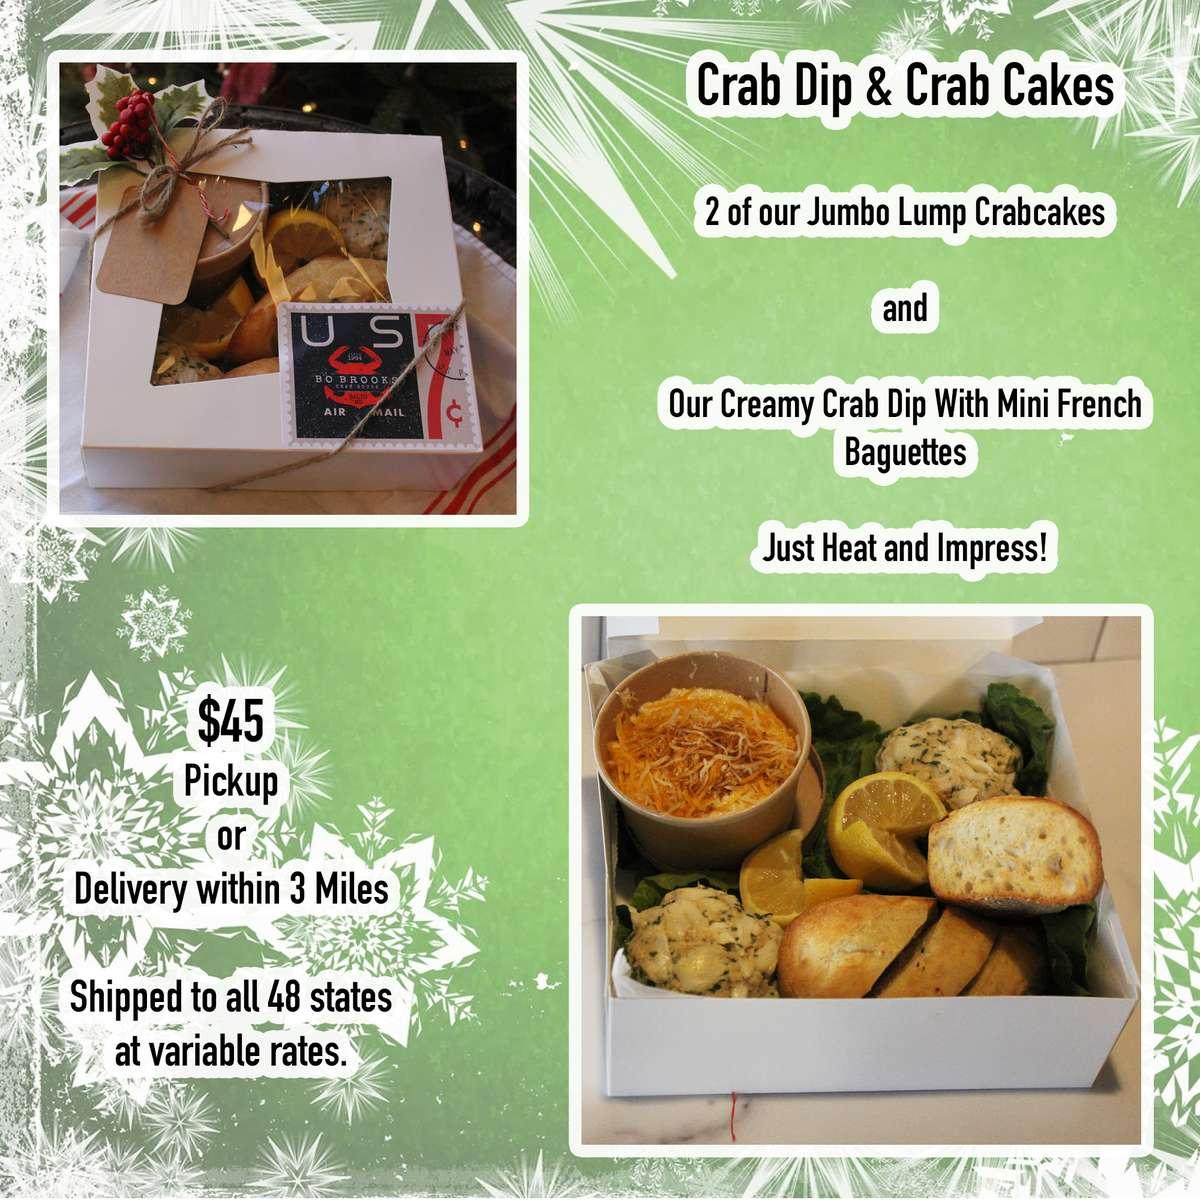 Crab Dip and Crab Cakes